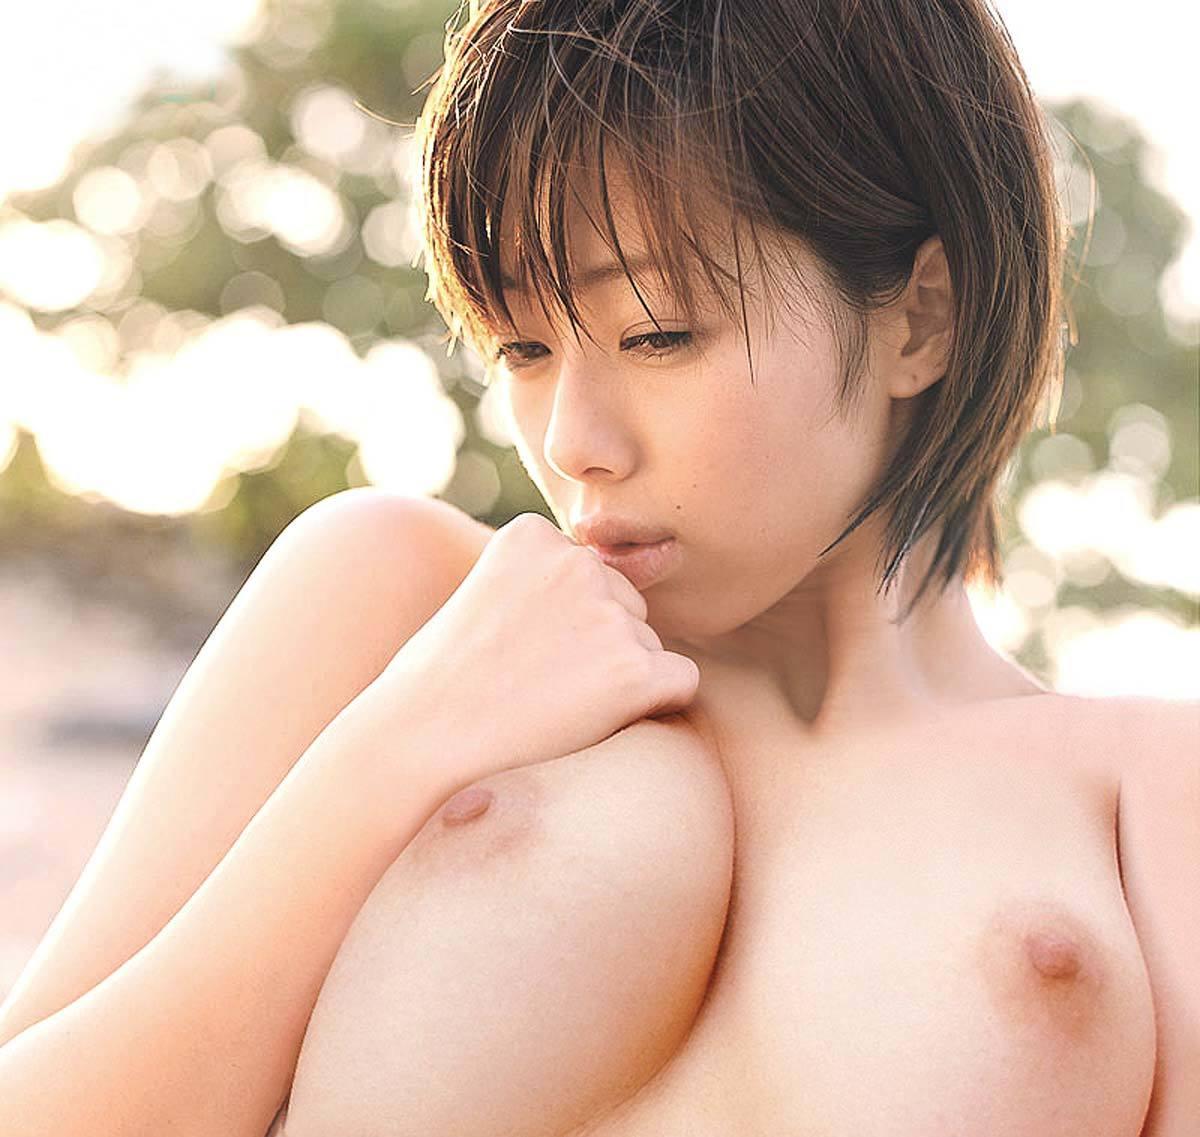 井上和香 ぬーどえろ写真27枚☆Fカップロケット乳に分厚い唇がぐうシコwwwwww